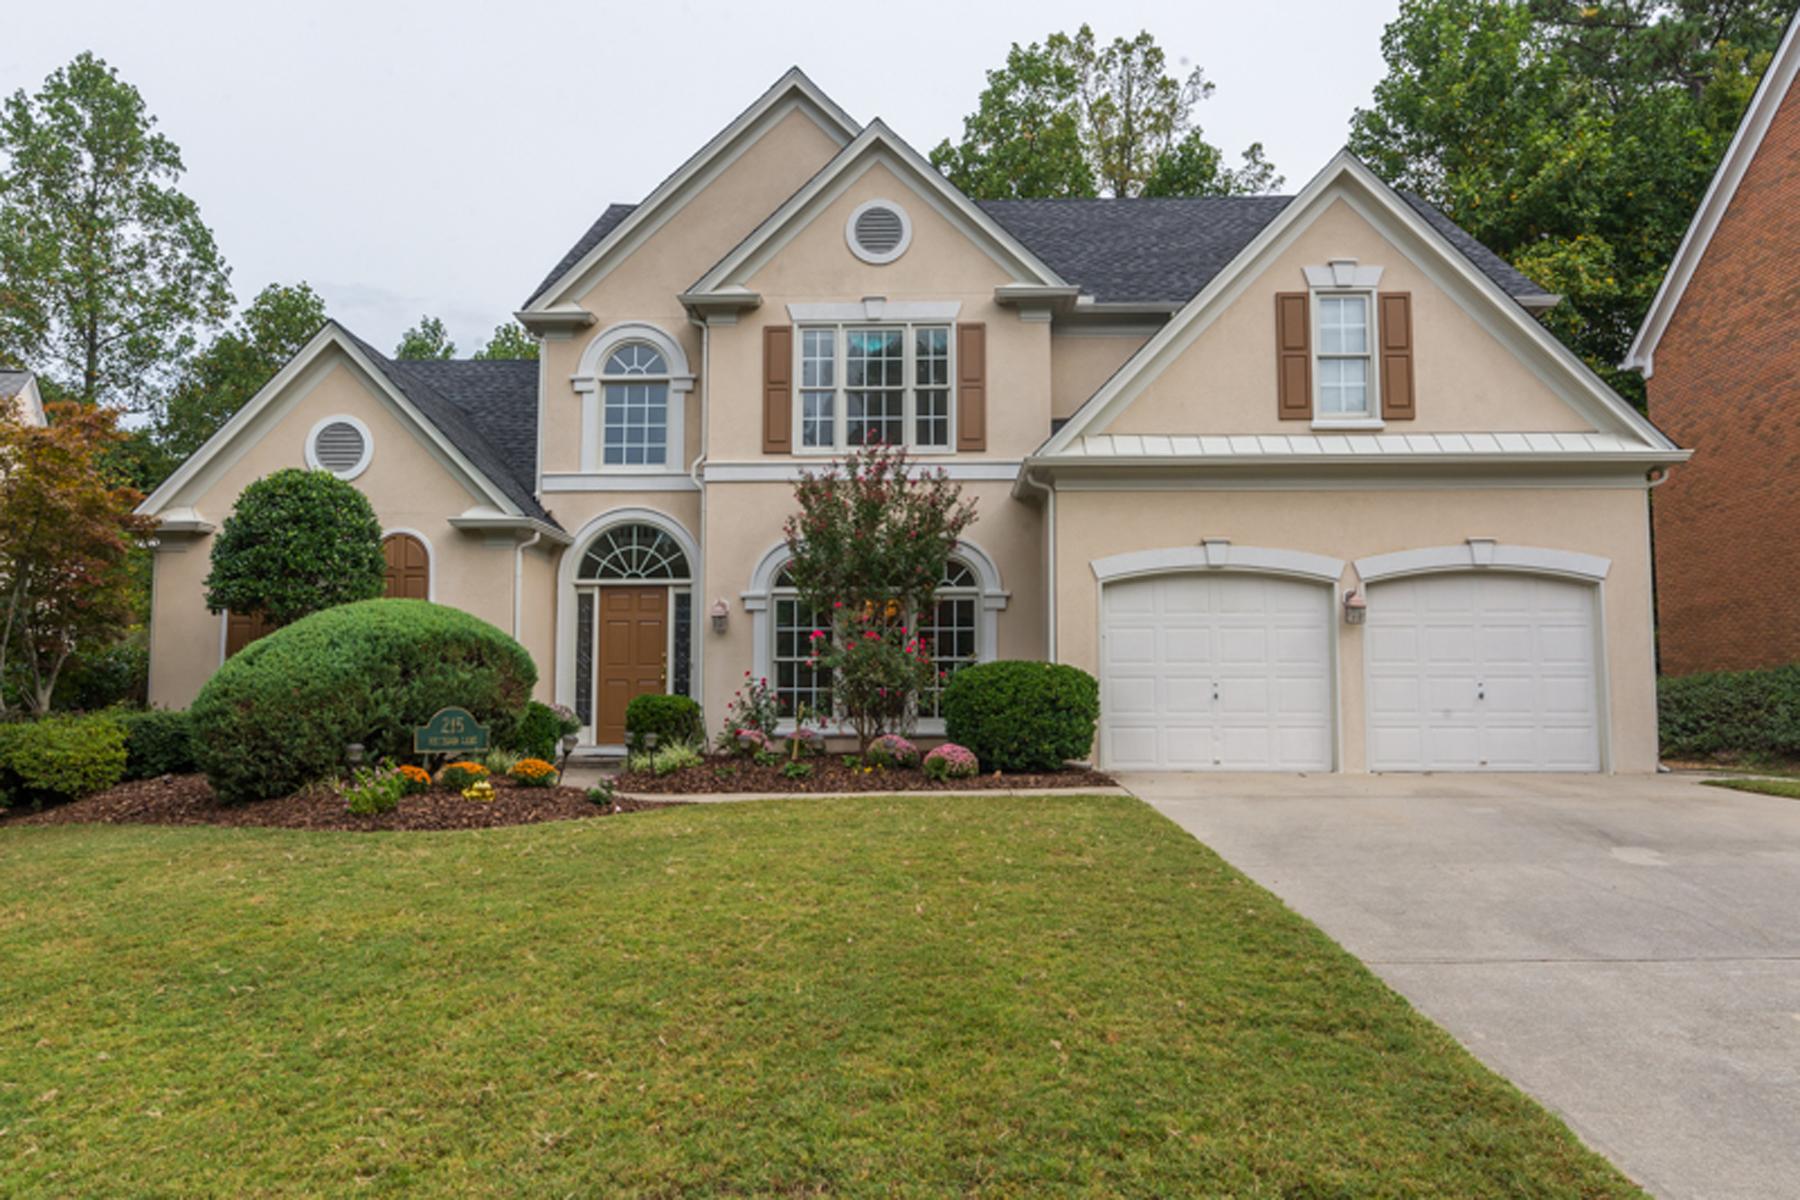 独户住宅 为 销售 在 Idyllic Cul-de-sac Setting 215 Smithdun Lane Sandy Springs, 乔治亚州 30350 美国